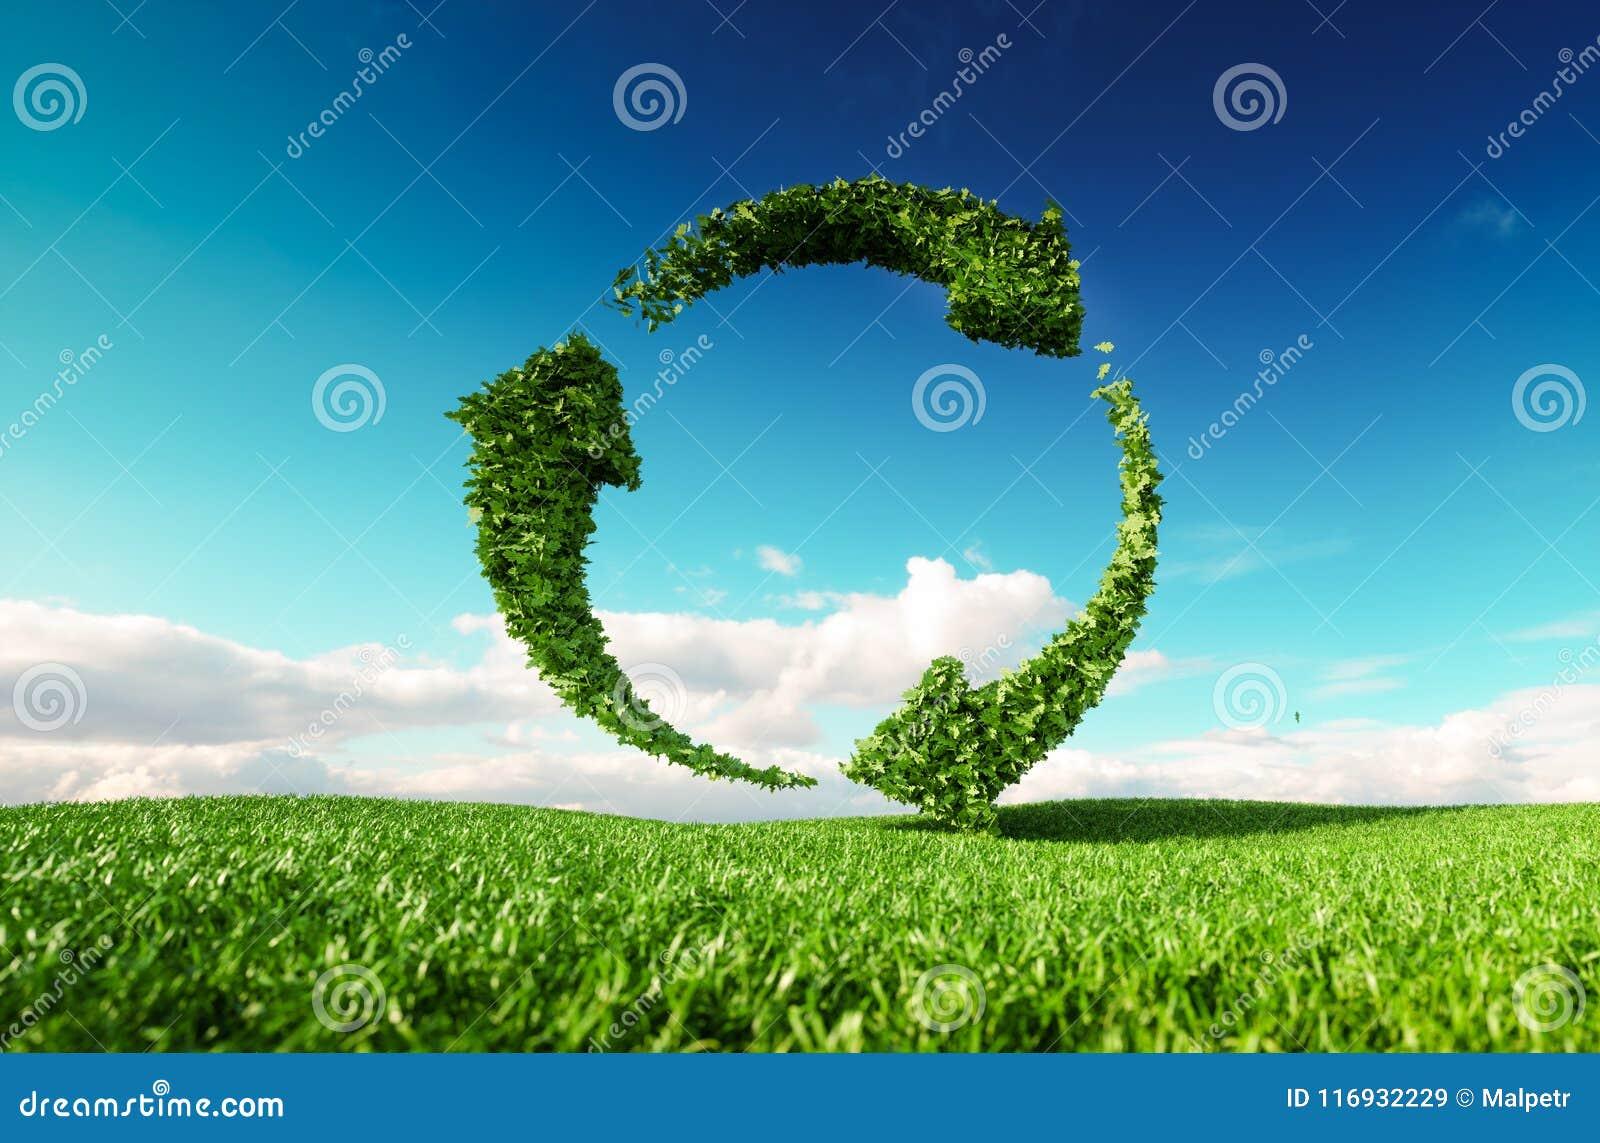 可持续发展, eco友好的生活方式概念 3d烈